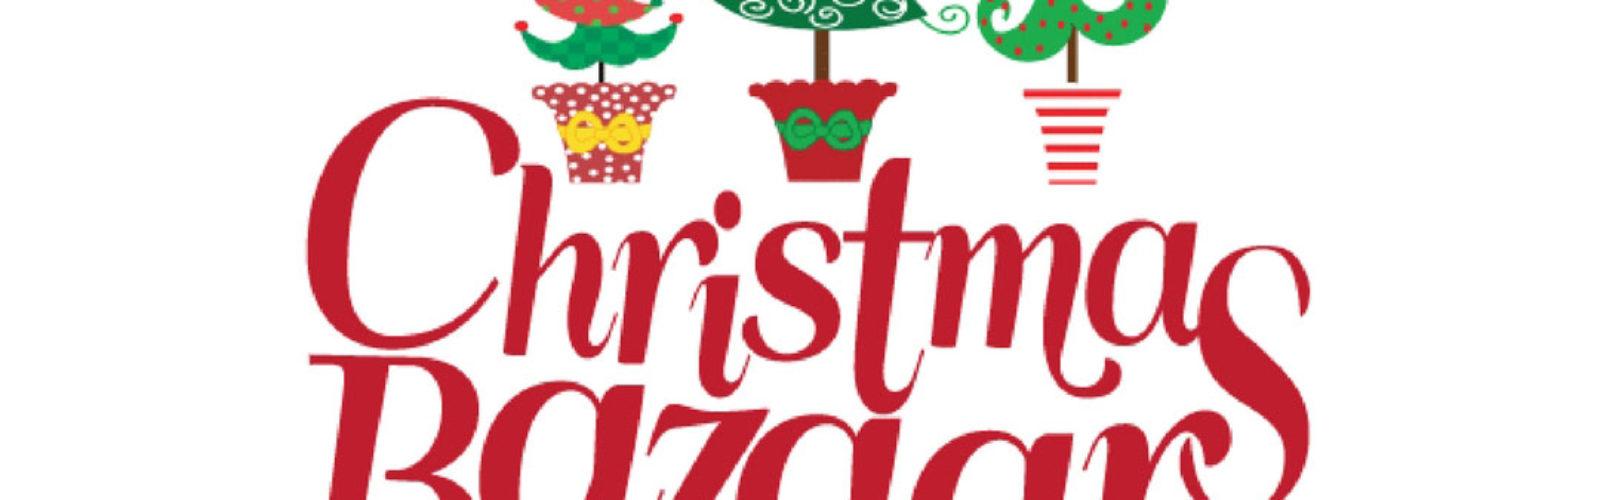 Christmas Bazaar Reservations.